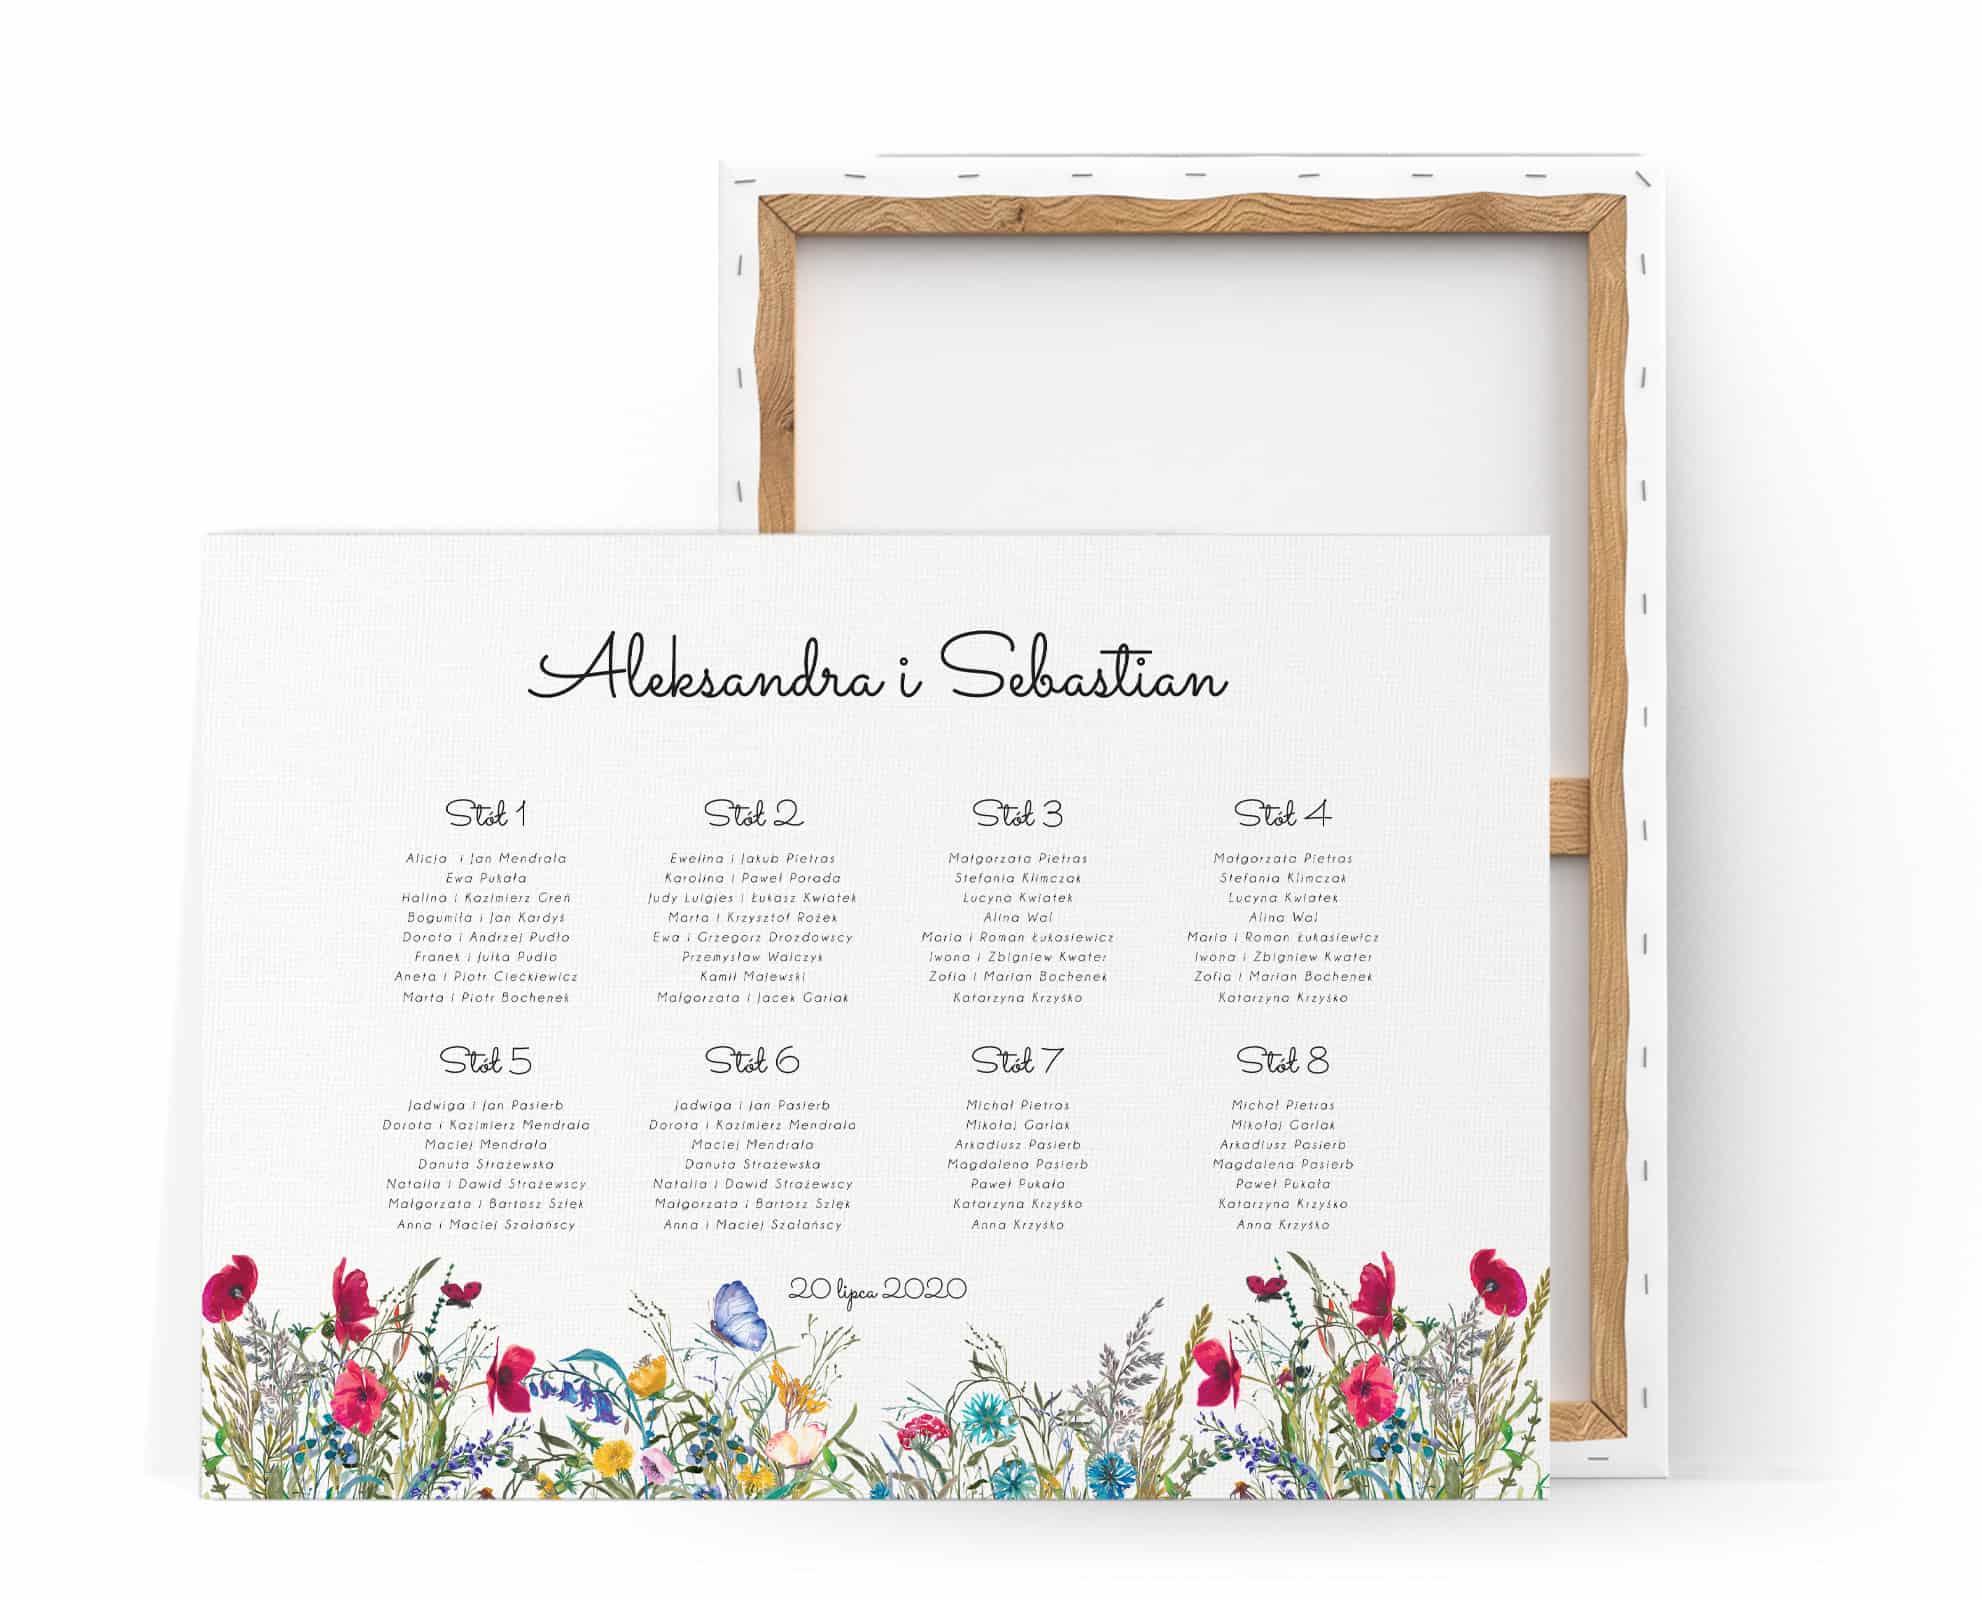 Plan usadzenia gości z motywem kolorowych polnych kwiatów